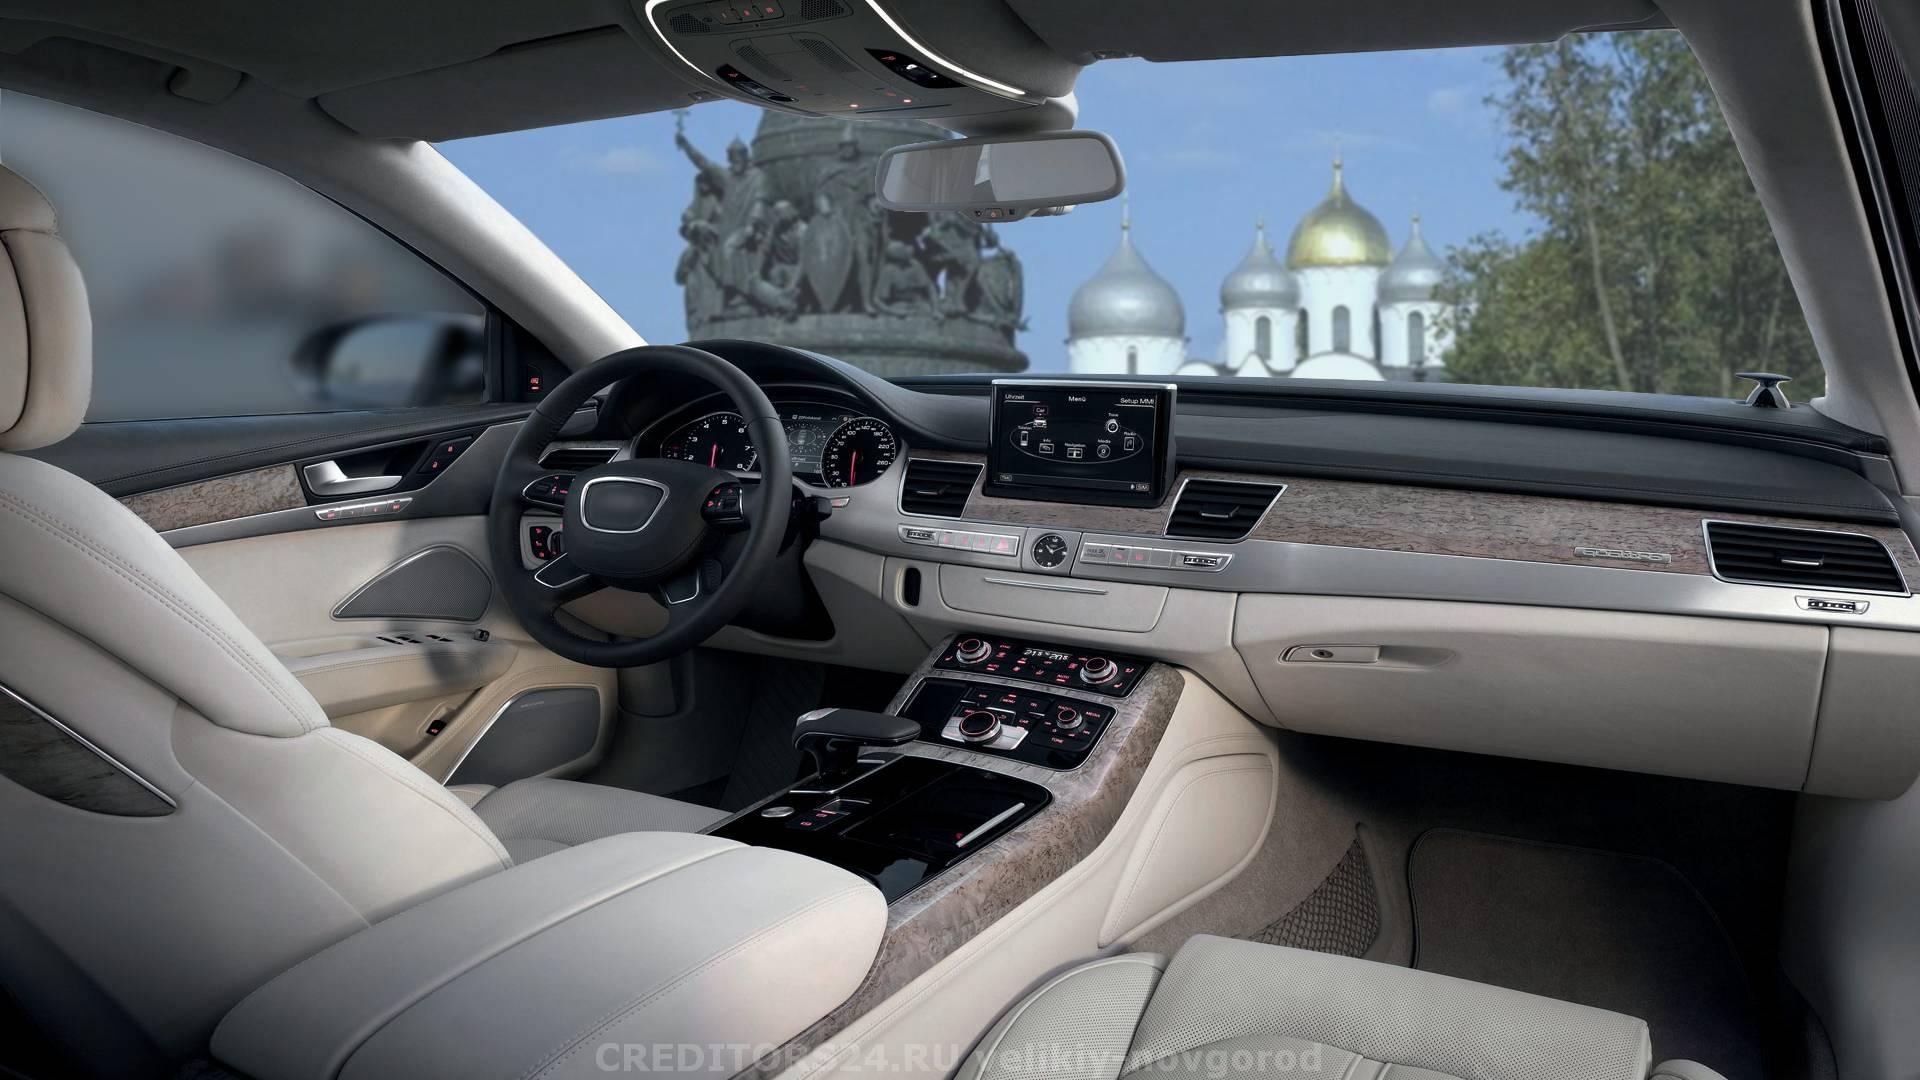 Займы под залог автомобиля великий новгород как продать автомобиль если он в залоге